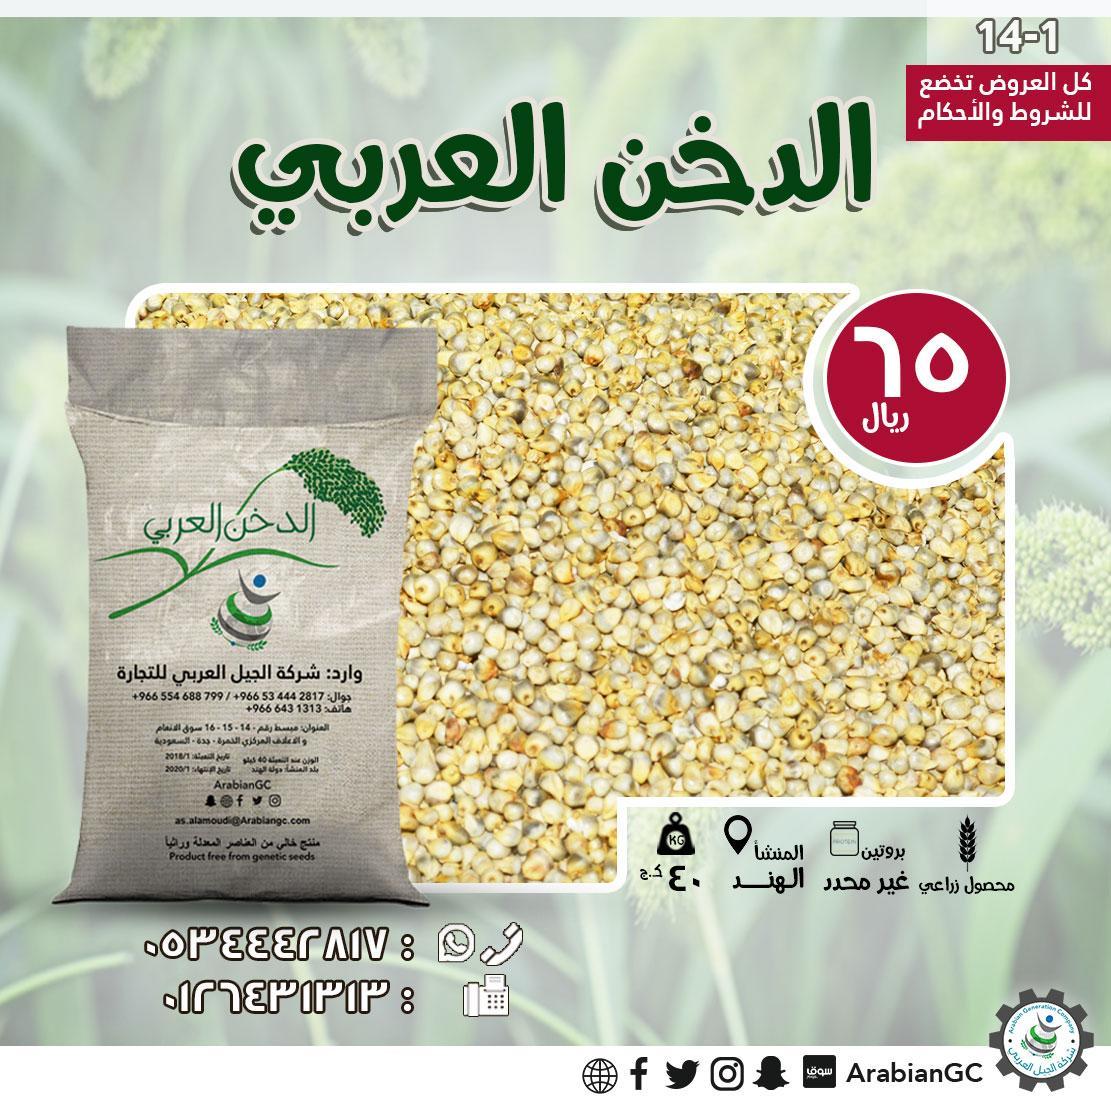 الدخن العربي شركة الجيل العربي d.php?hash=OUO2UBUKU